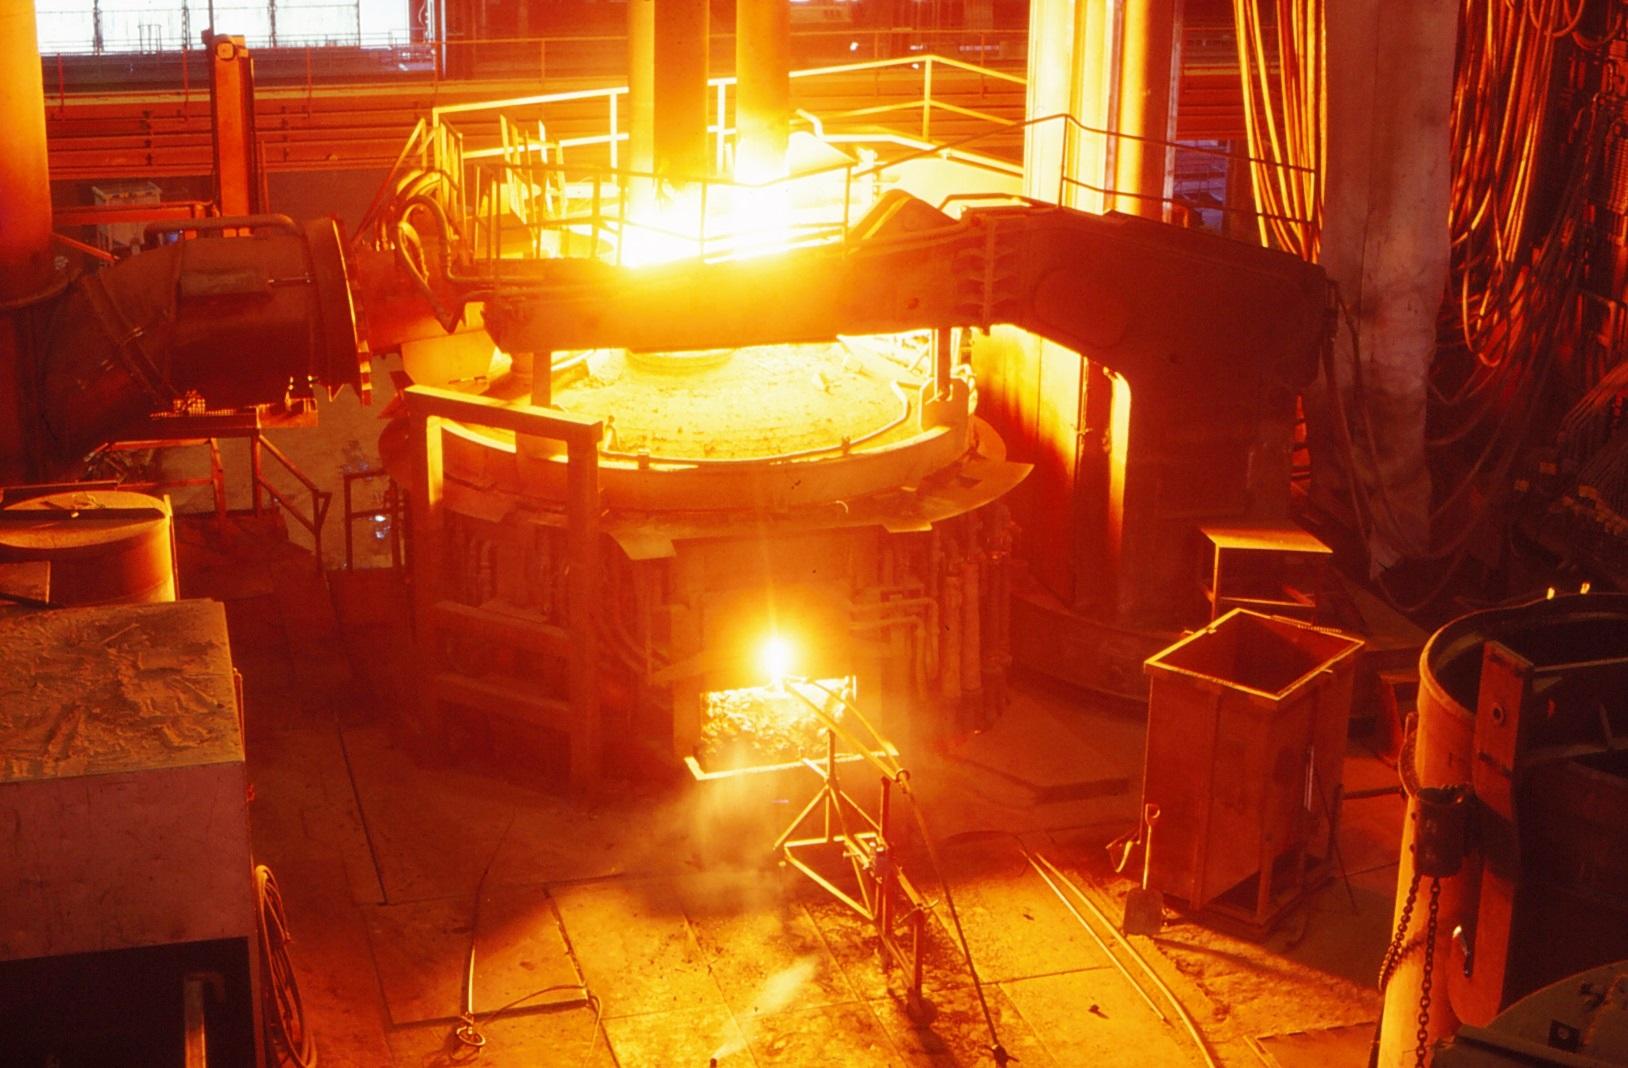 Syrgasblåsning i ljusbågsugnen, foto Åke Fridfeldt